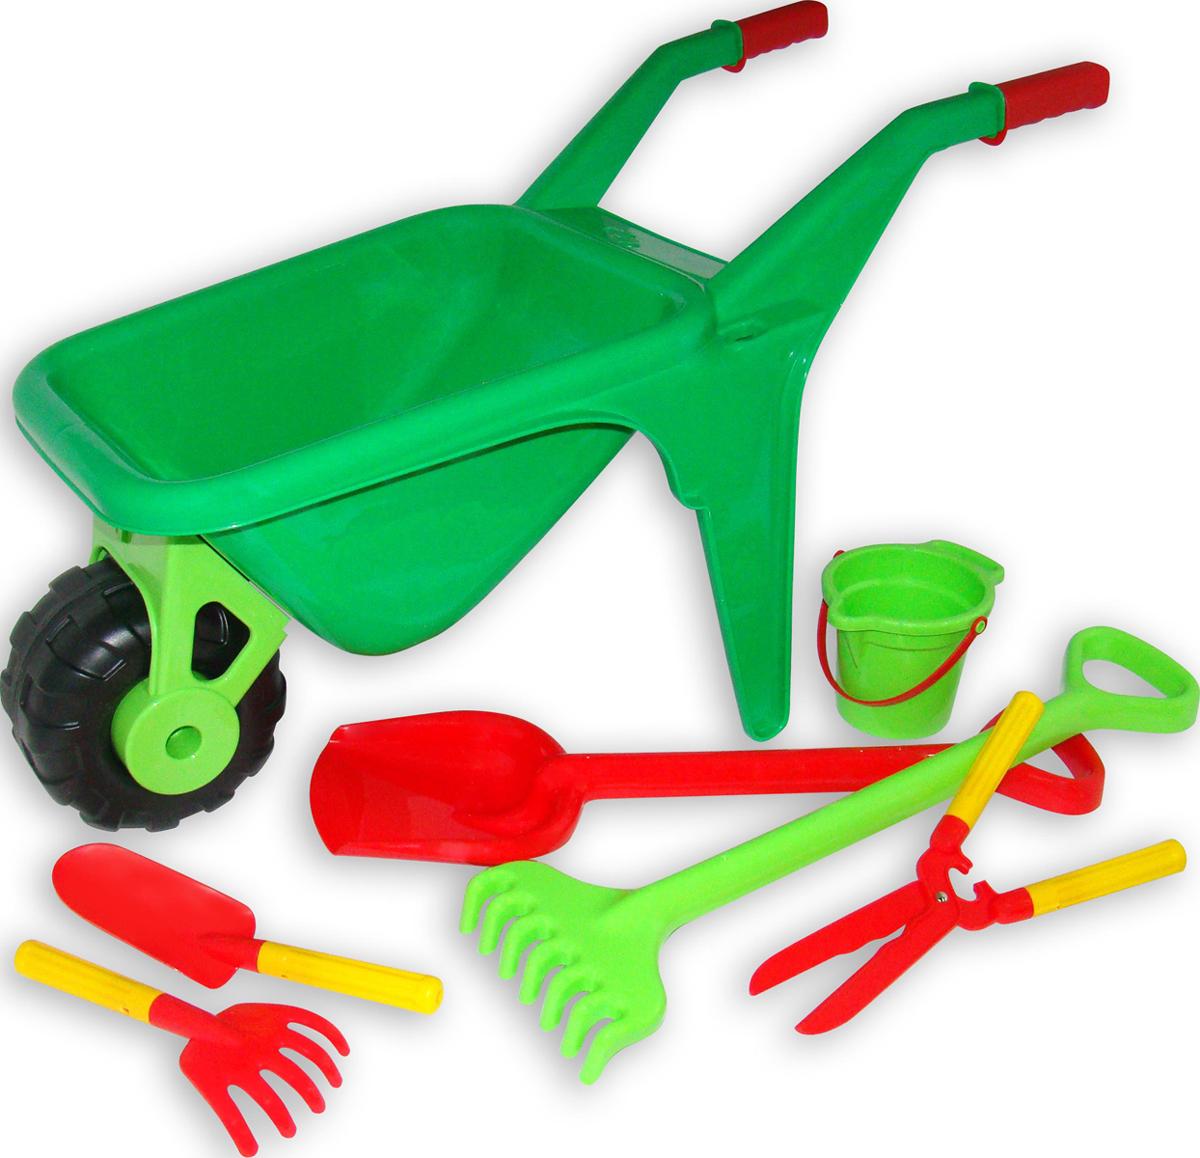 Полесье Набор игрушек для песочницы №454, цвет в ассортименте